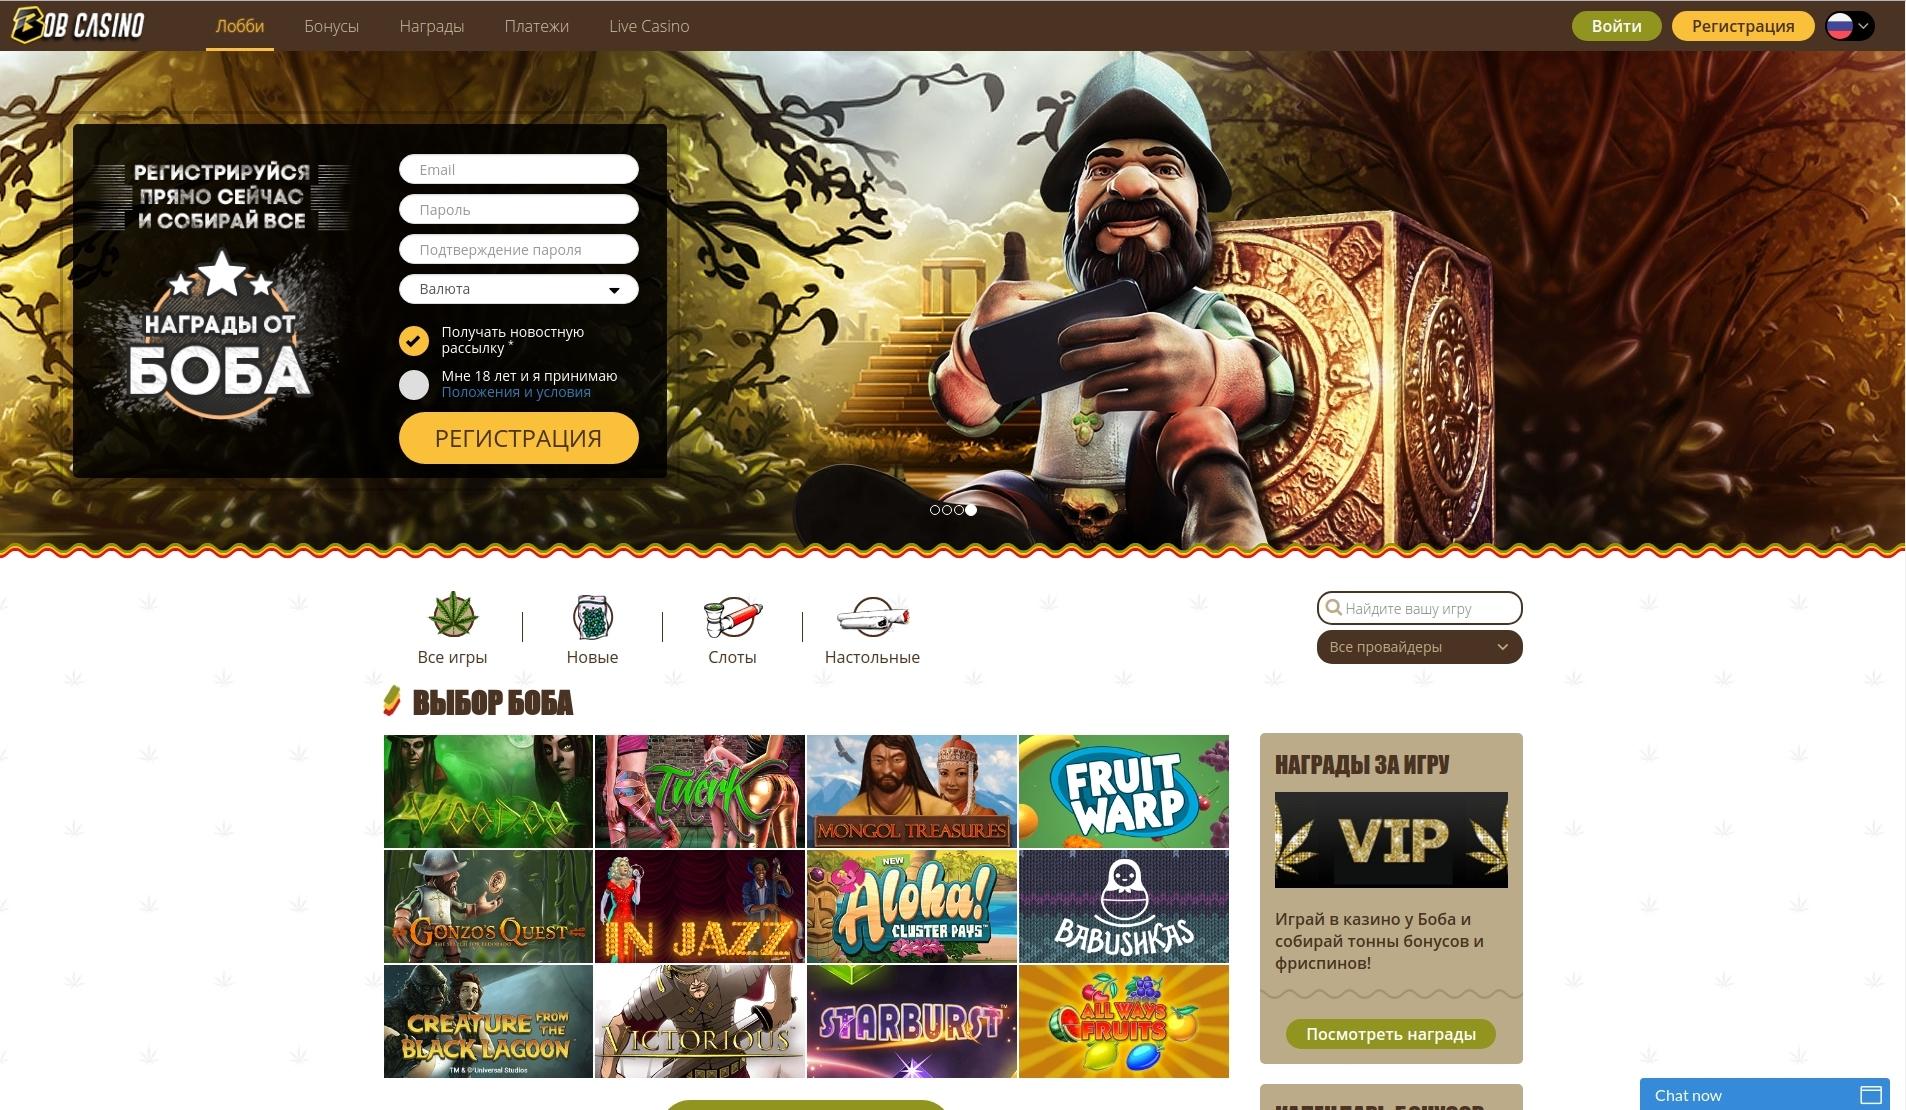 казино боб официальный сайт